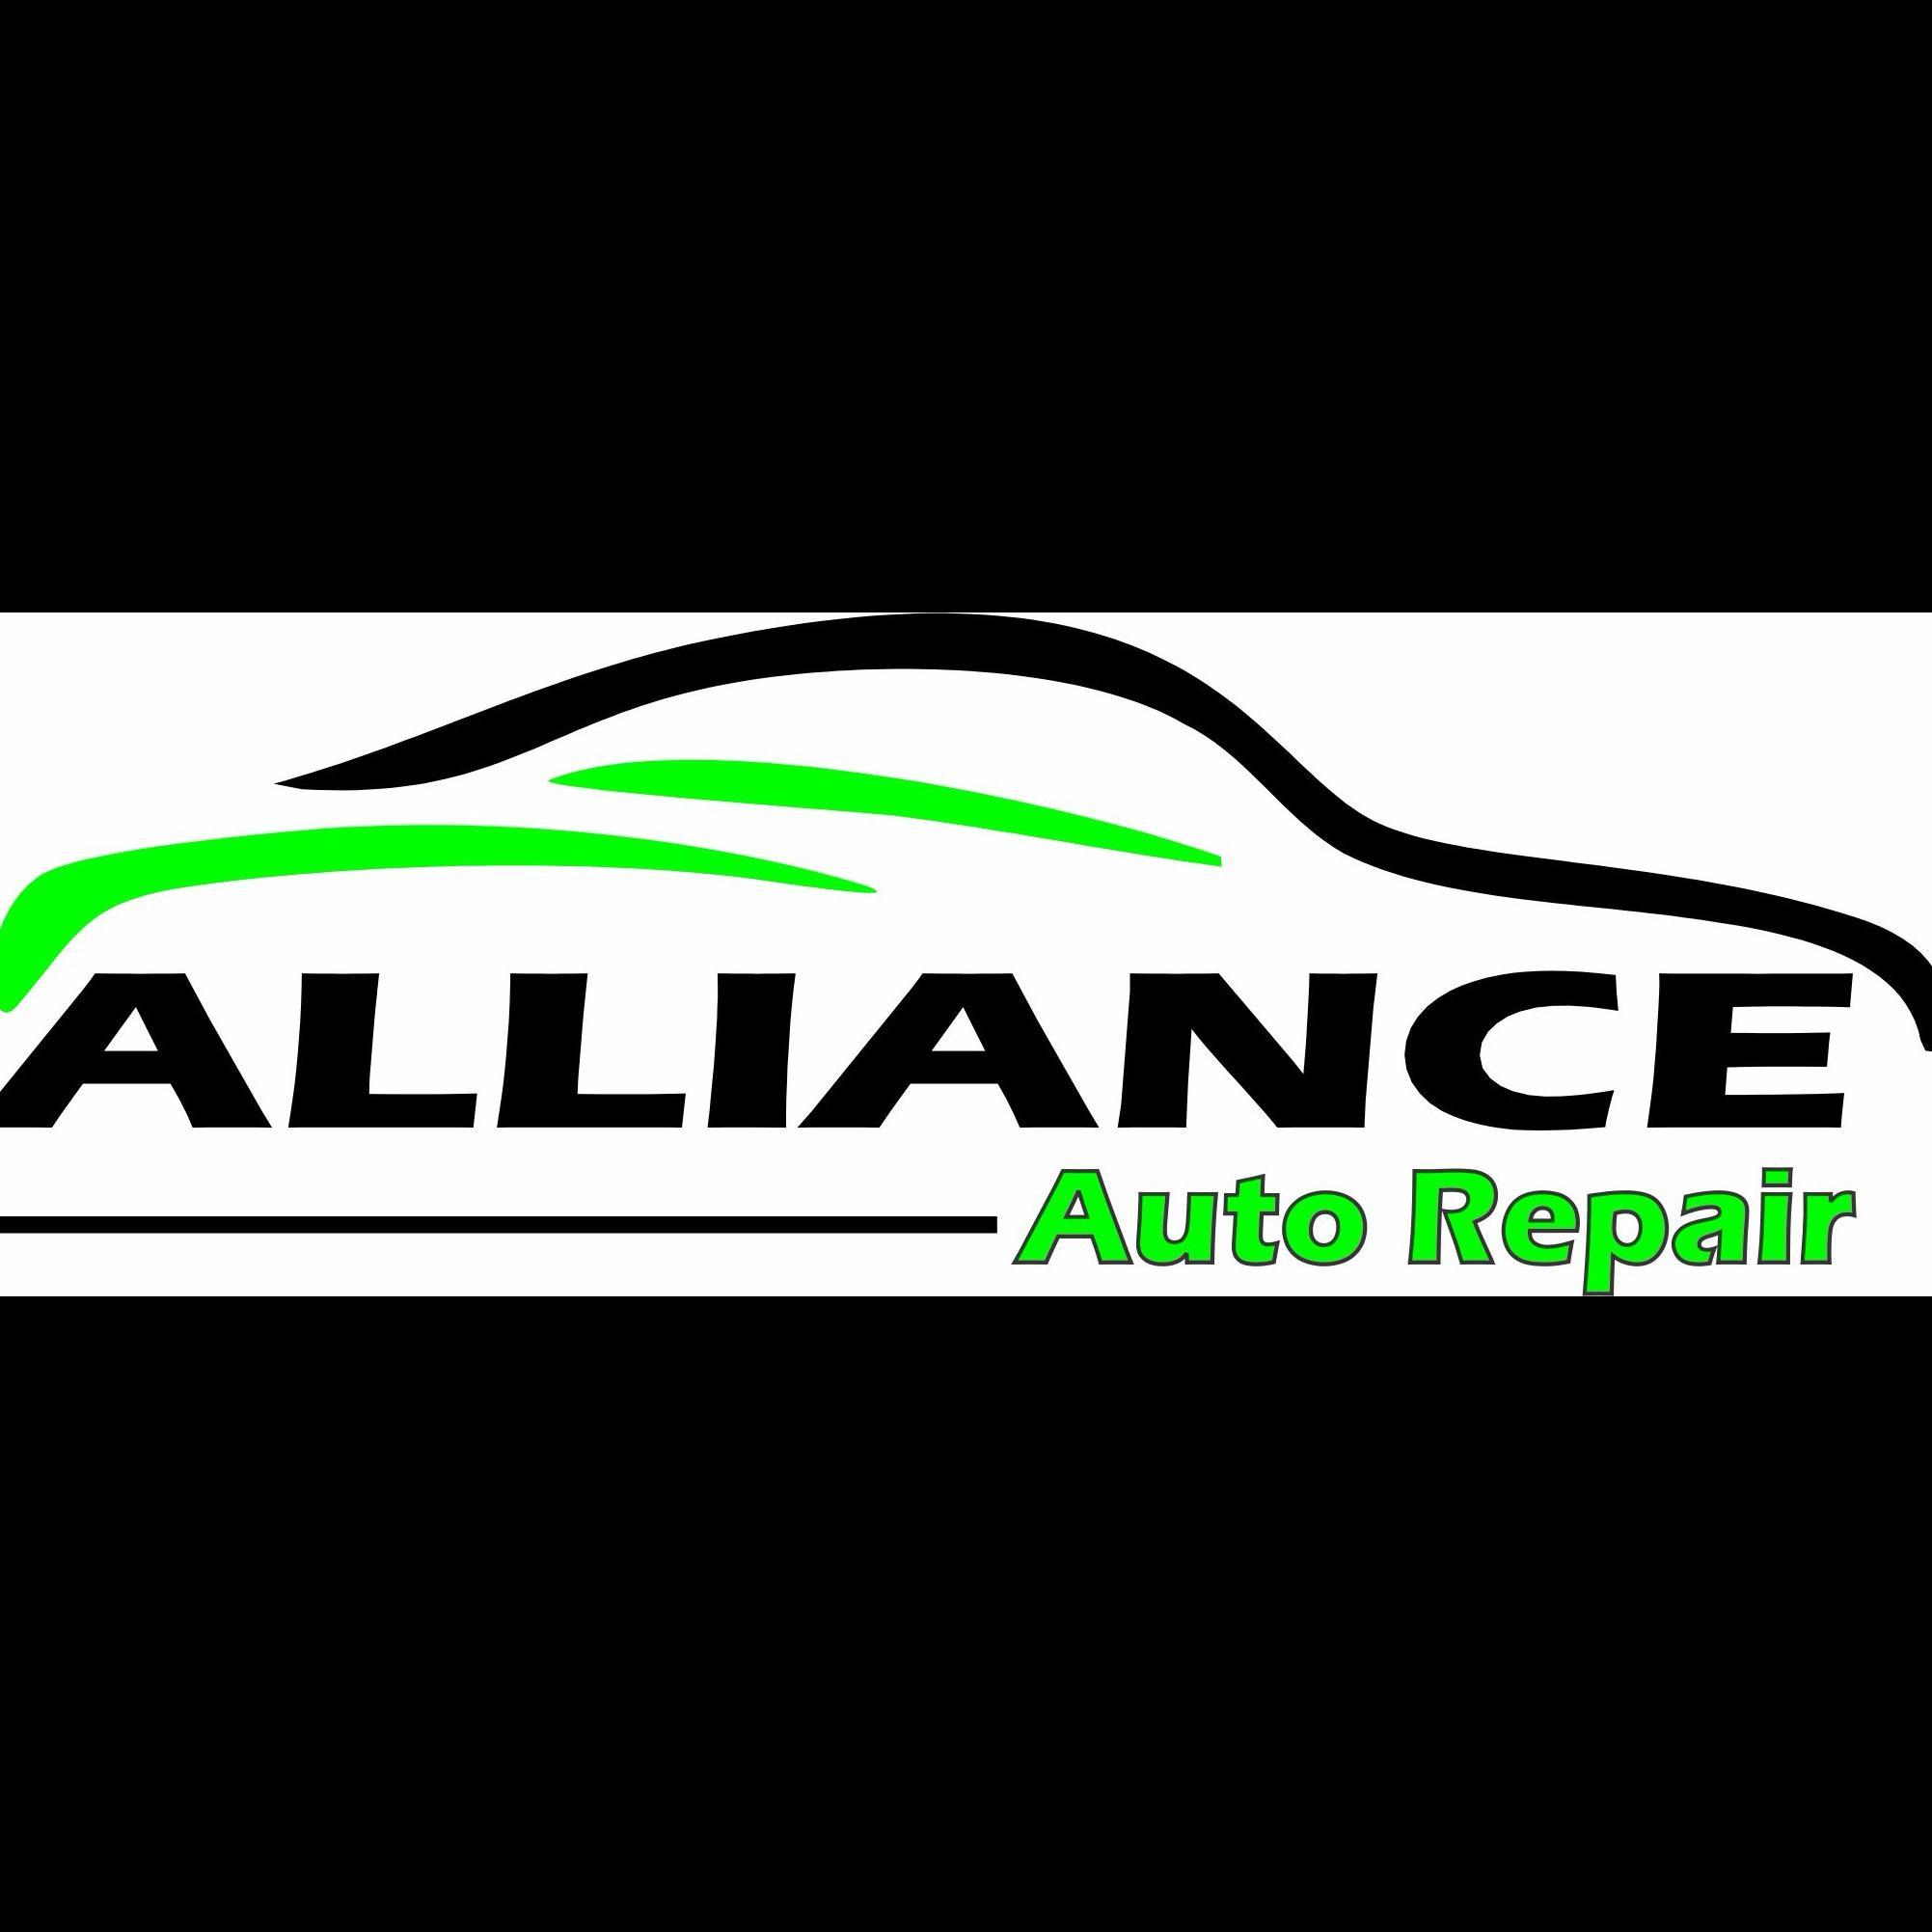 Alliance Auto Repair